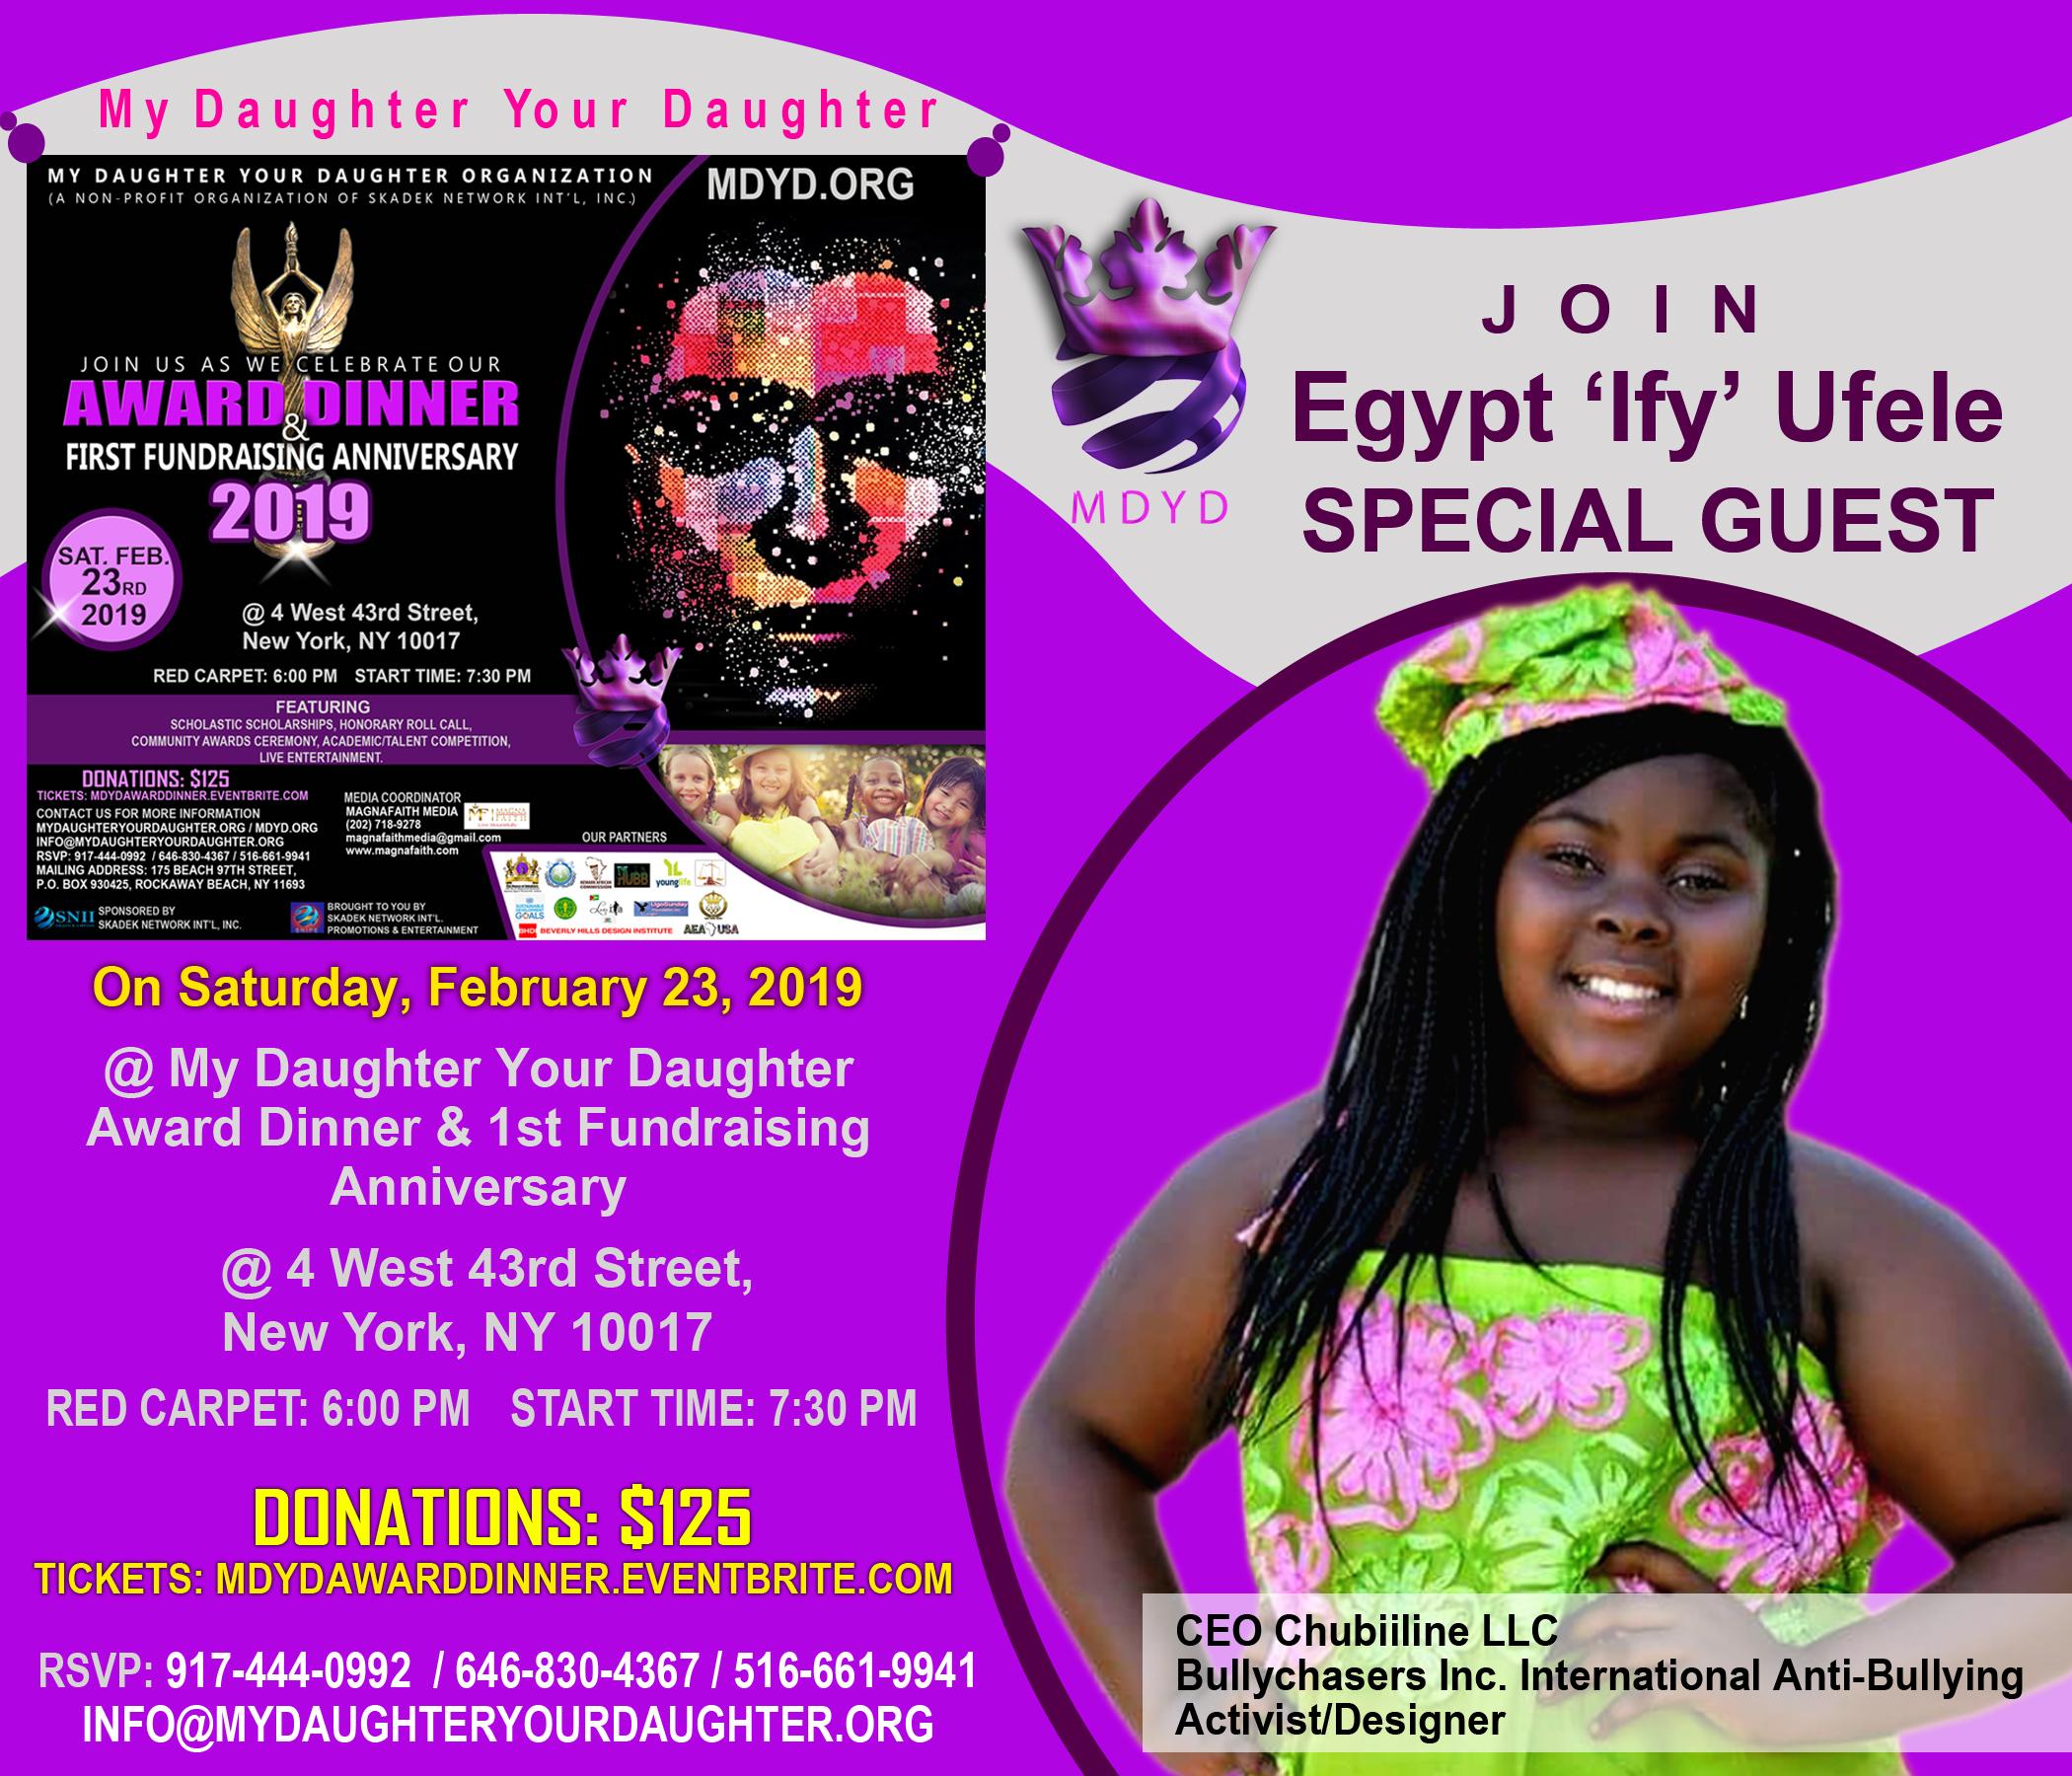 MDYD Promo Card - Egypt 'Ify' Ufele